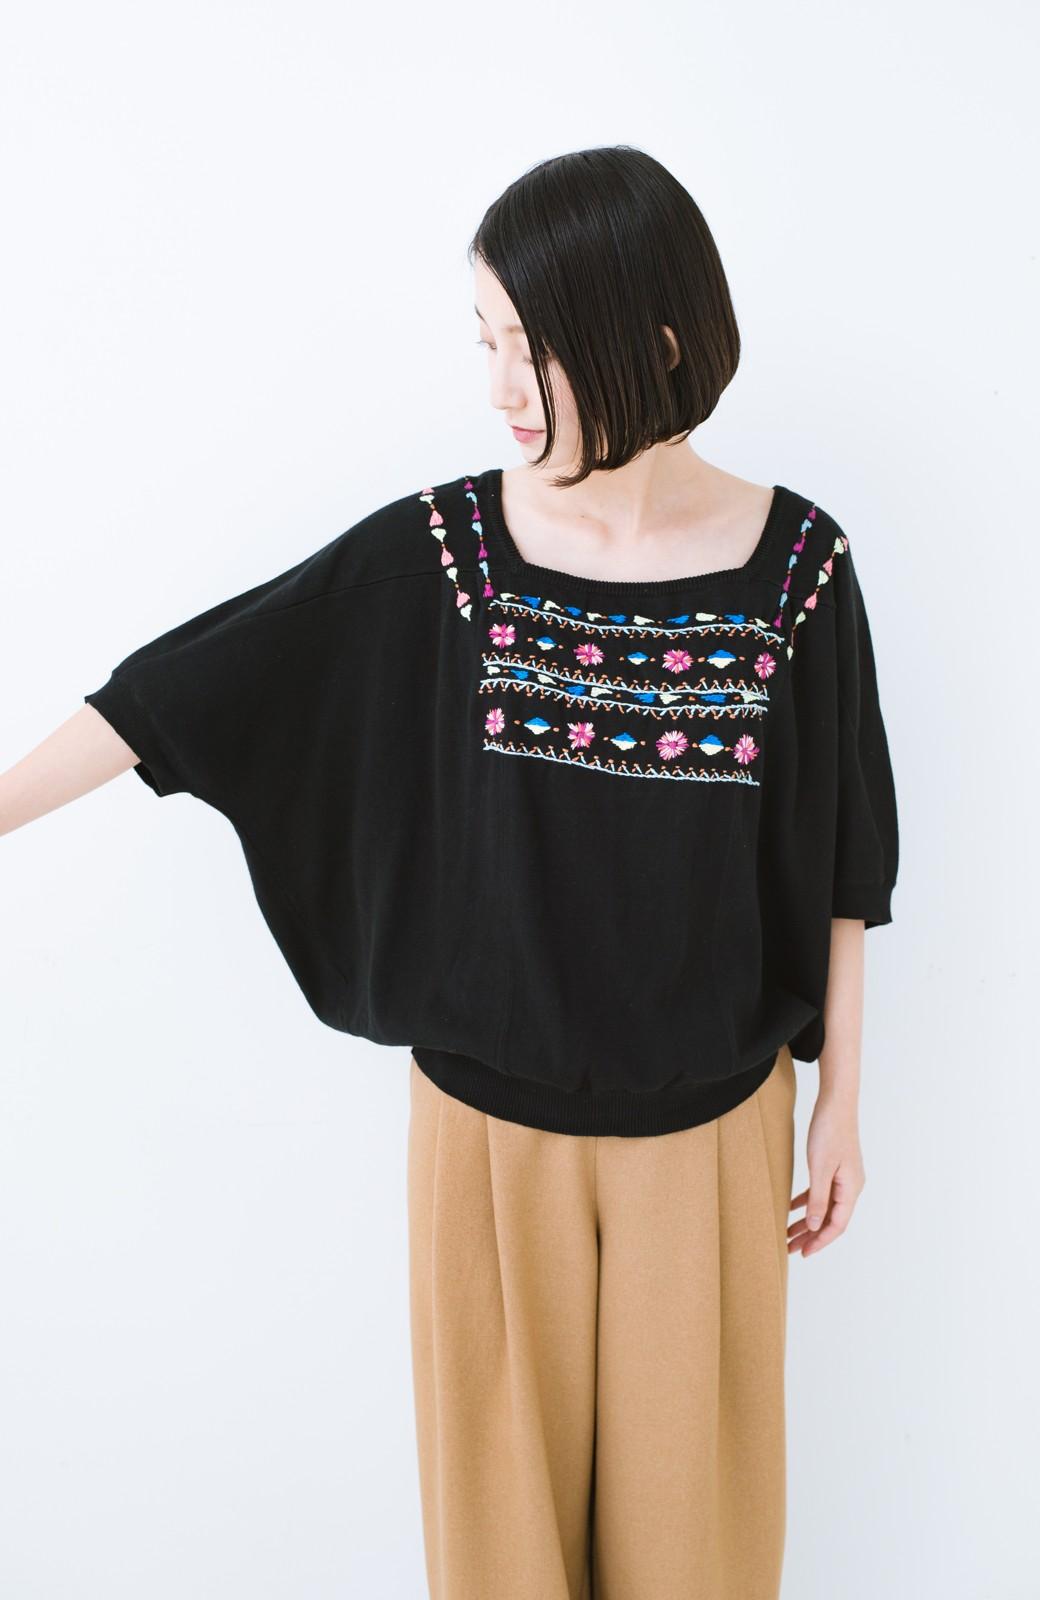 haco! Stitch by Stitch 首回りがきれいに見える色とりどりの刺繍のスクエアニット <ブラック>の商品写真7